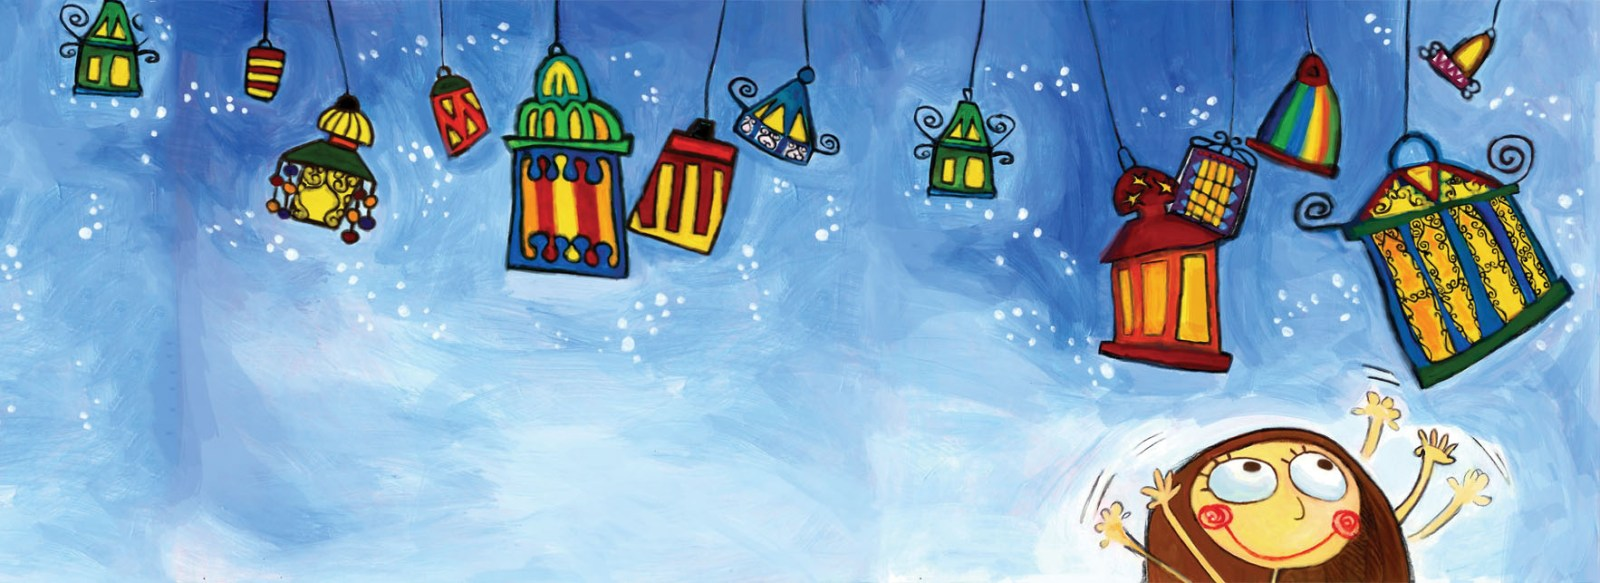 8 فوائد لشهر رمضان قد تنعكس على نفسية الطفل